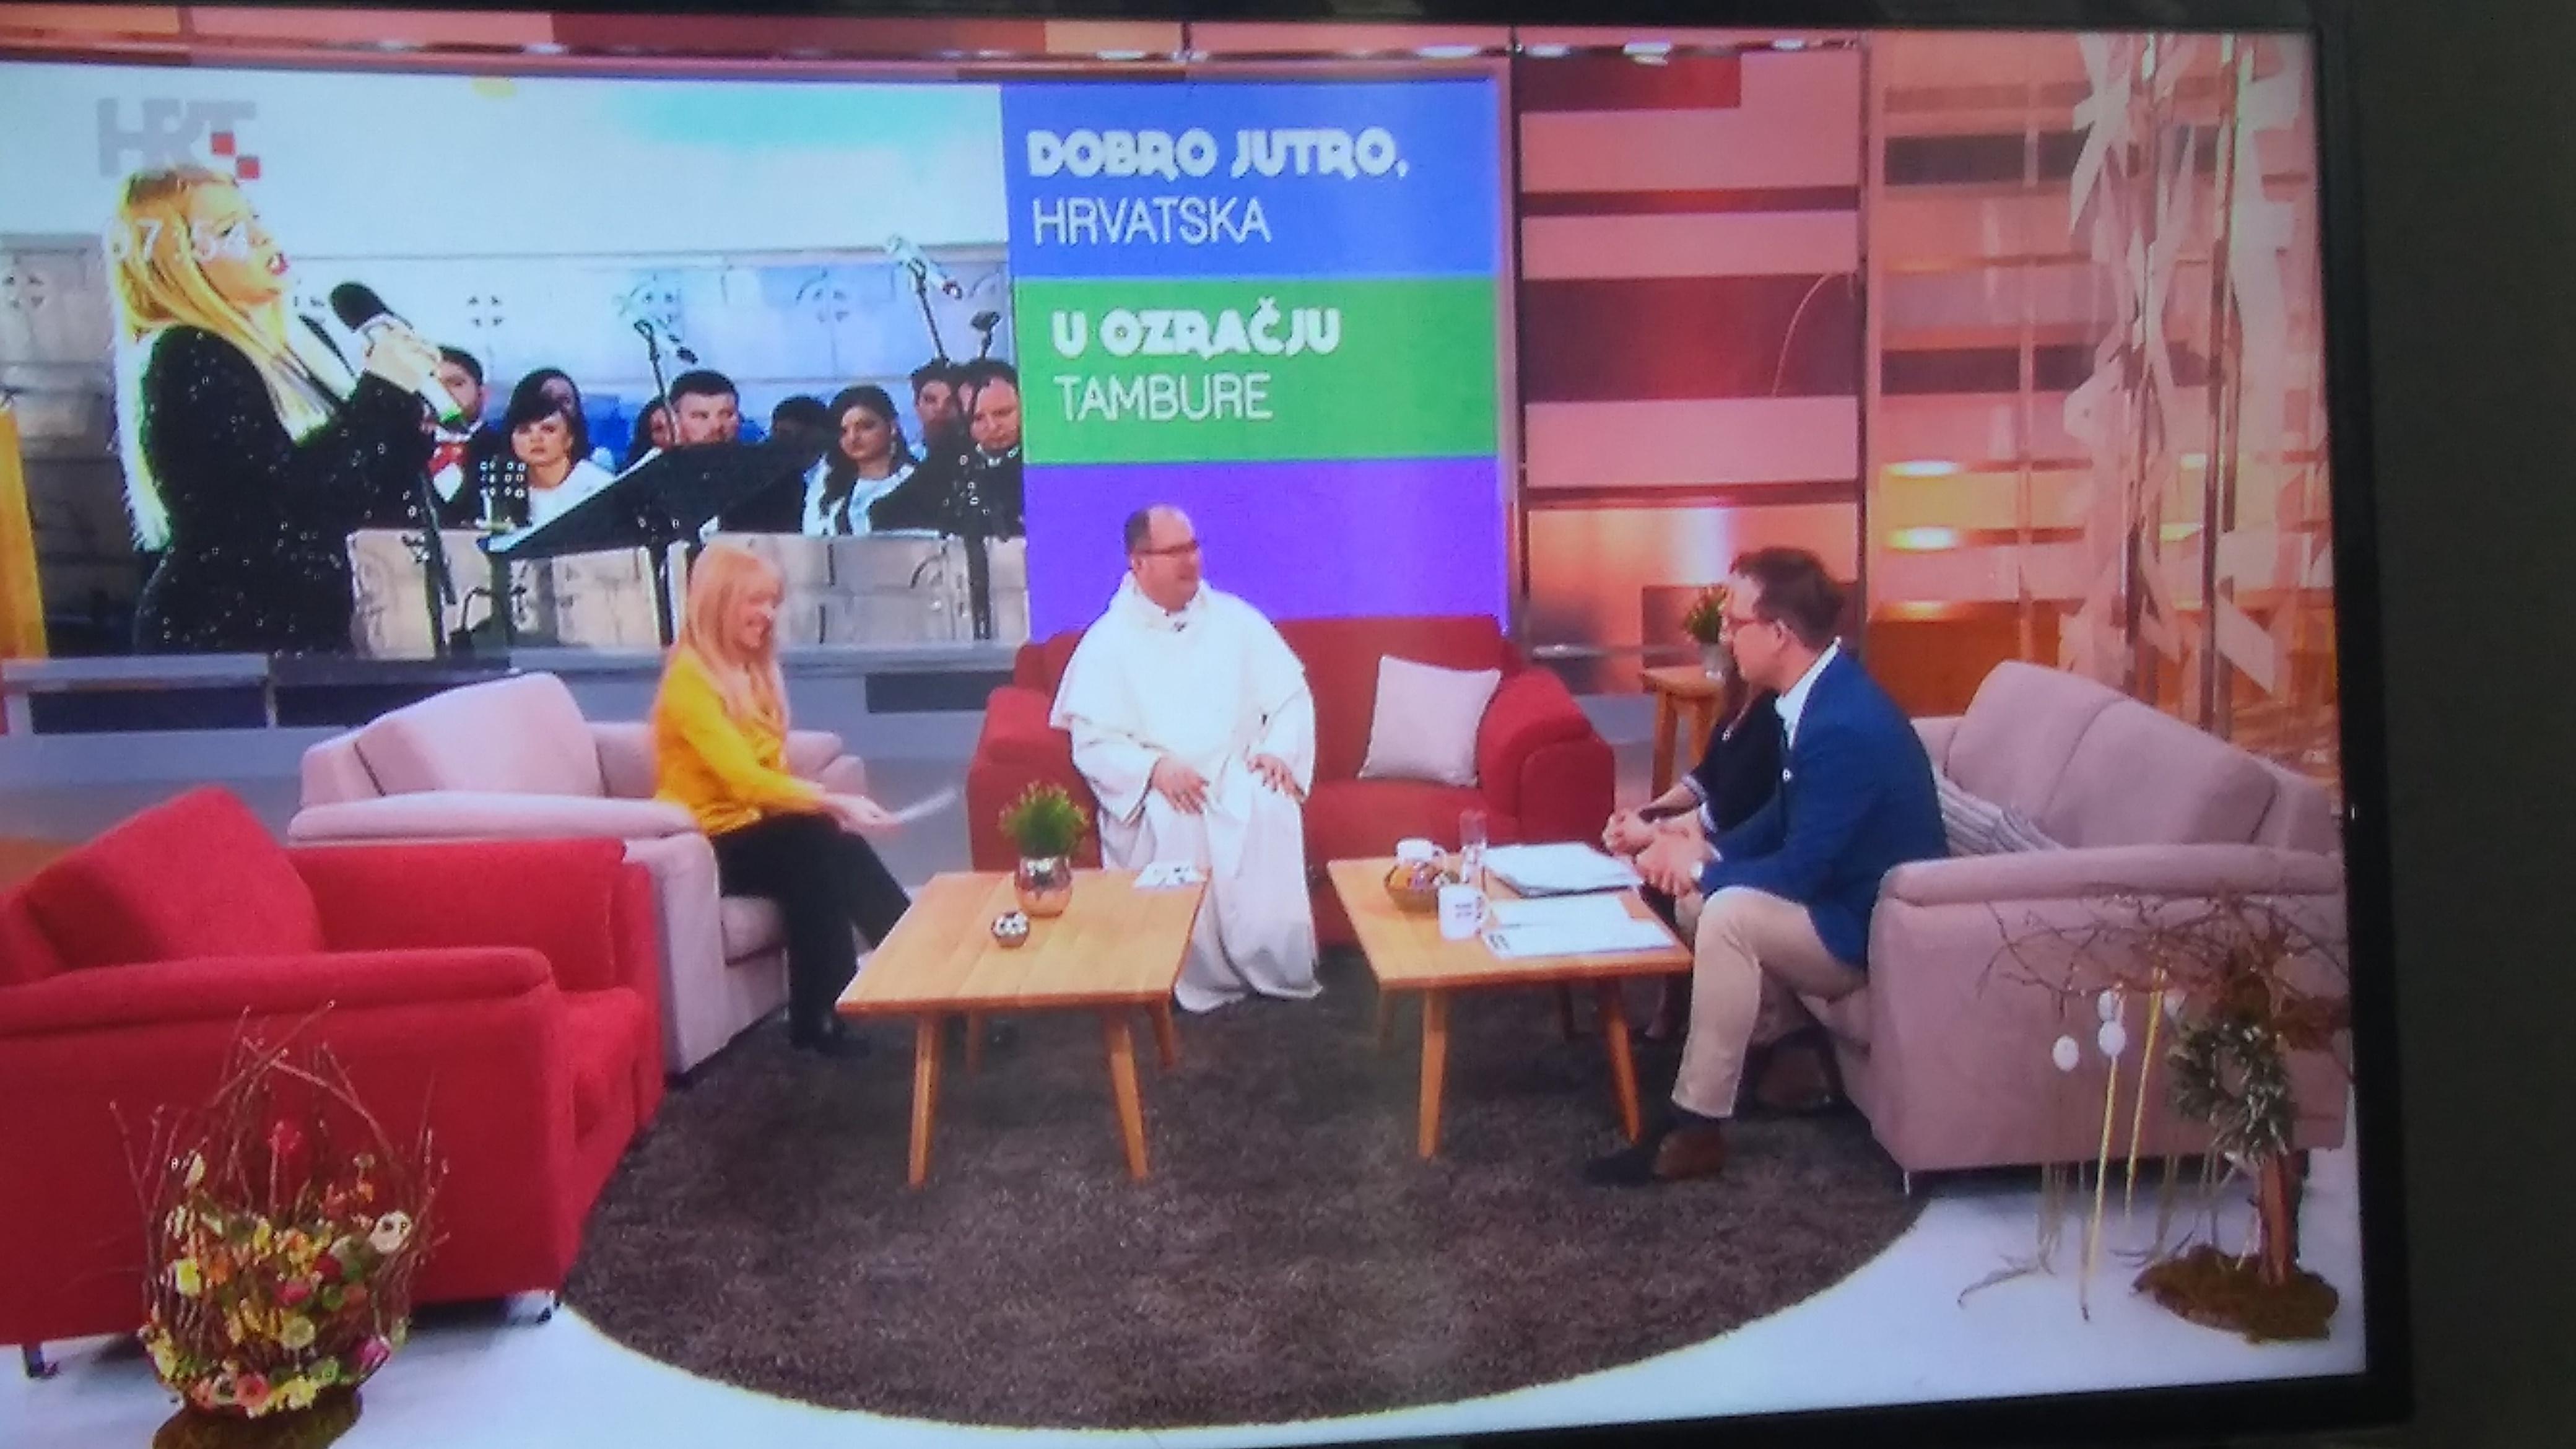 007 najava u dobro jutro hrvatska, 2. 4. 2018